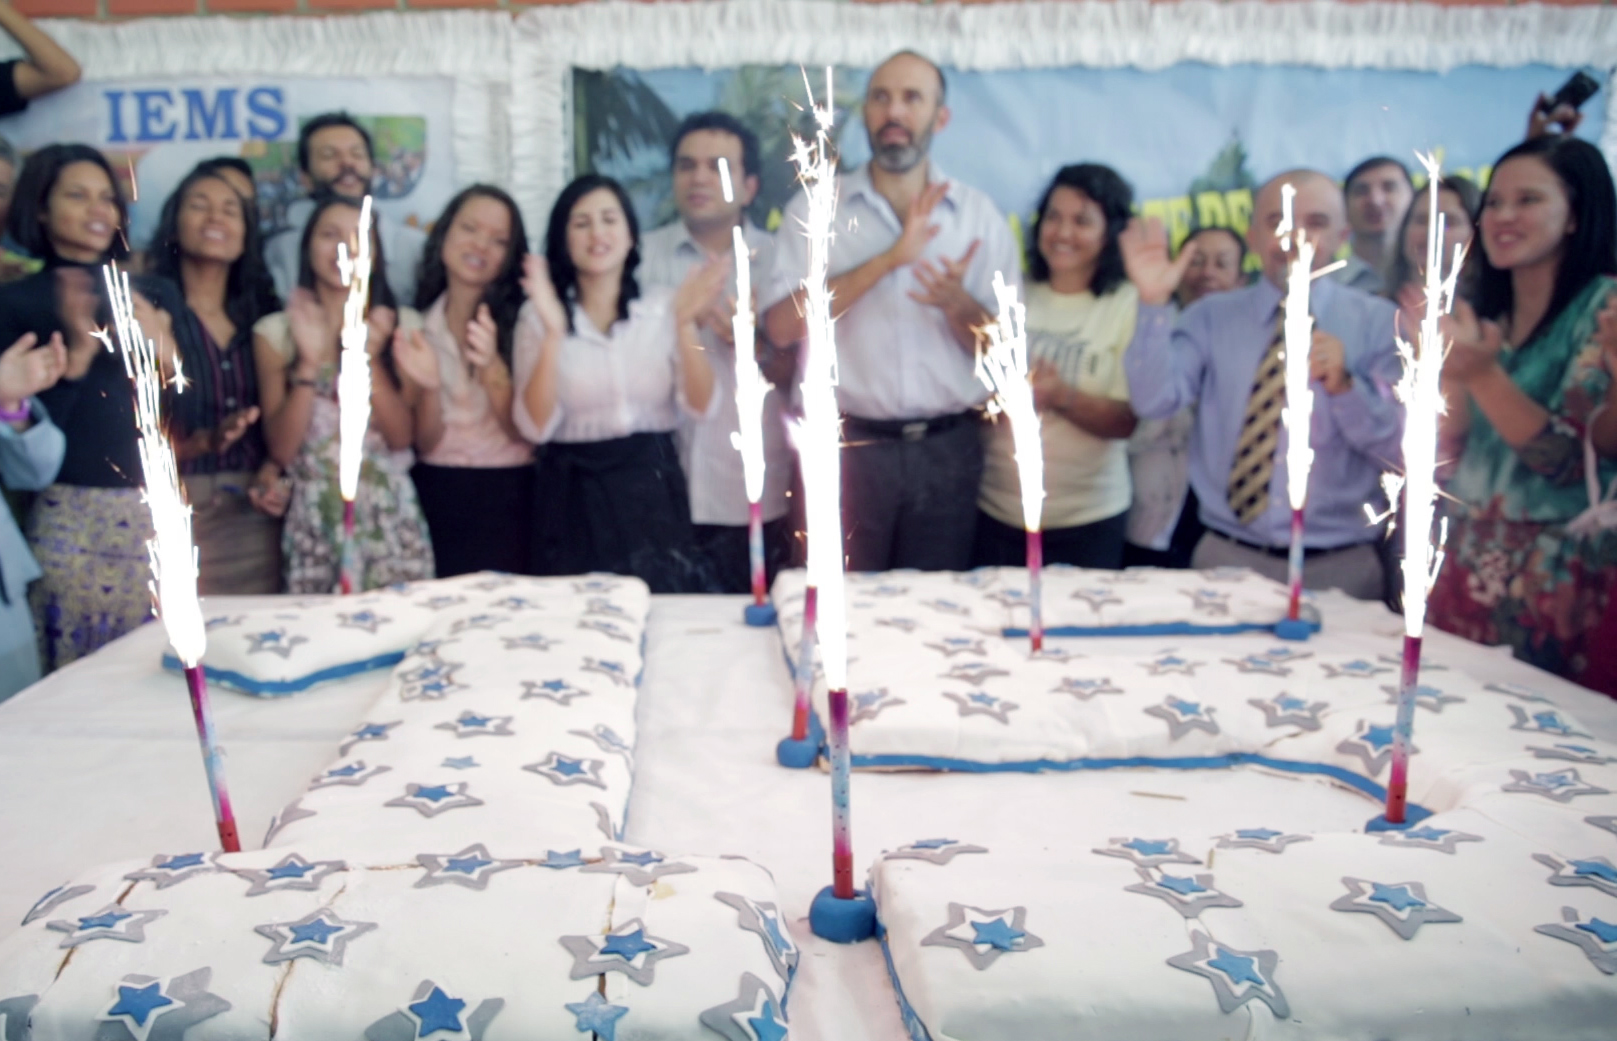 Internato-paranaense-completa-15-anos-e-alunos-sao-batizados